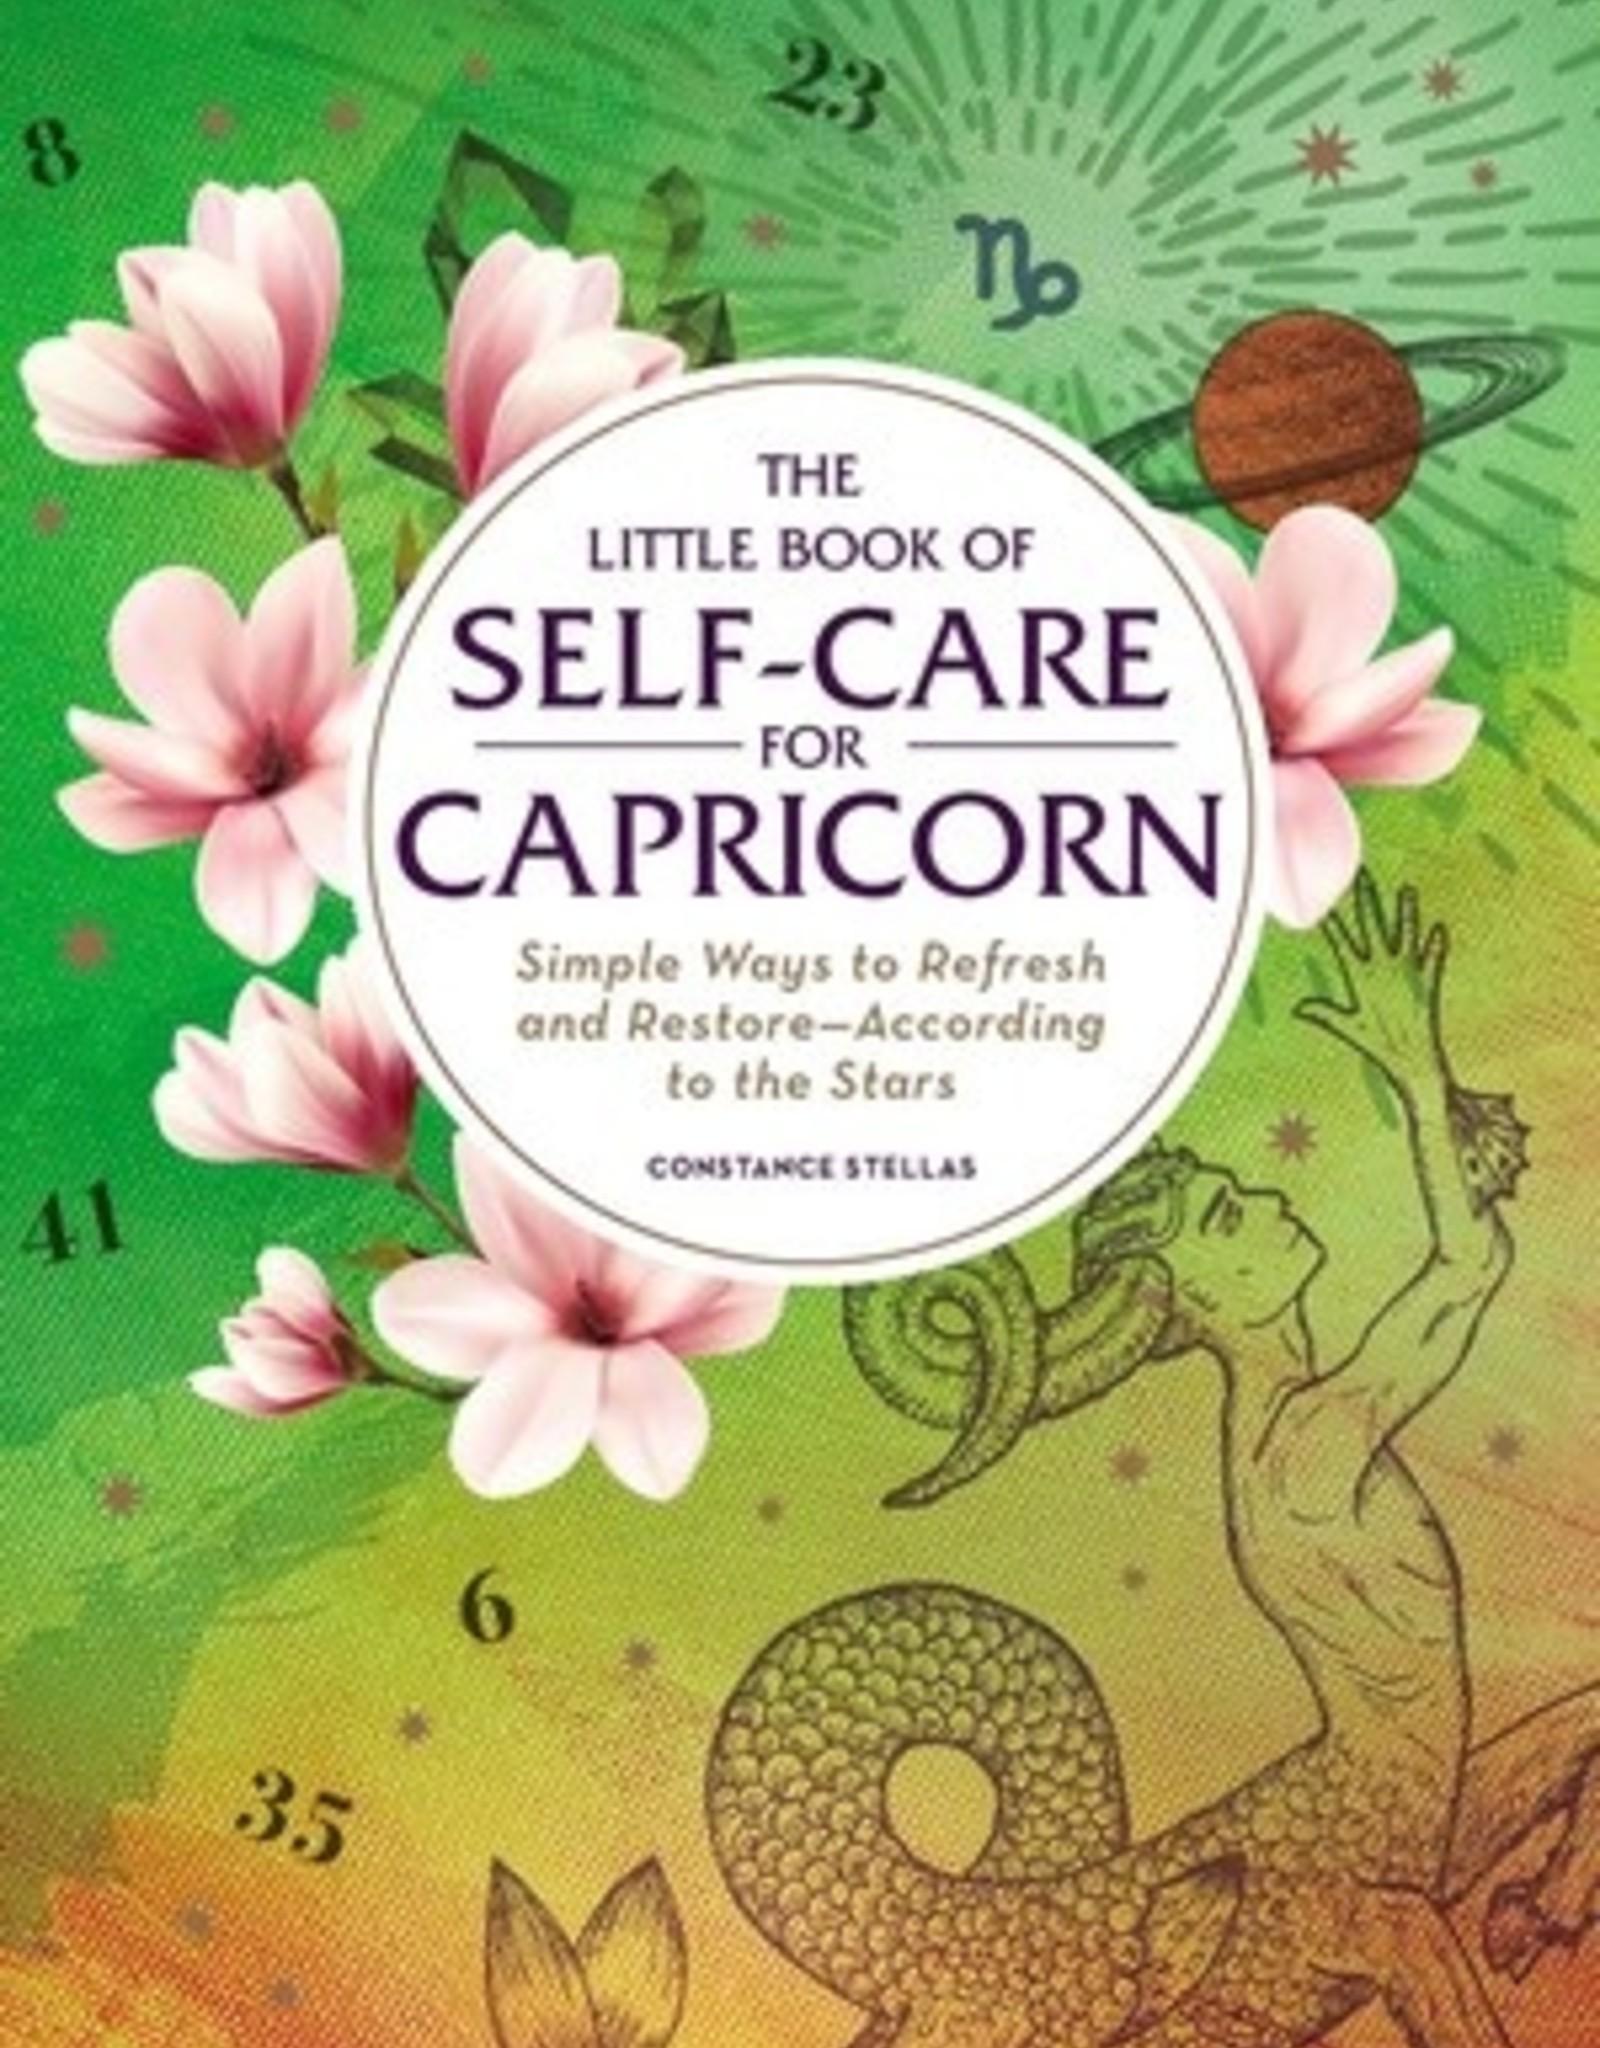 Simon & Schuster The Little Book of Self-Care for Capricorn